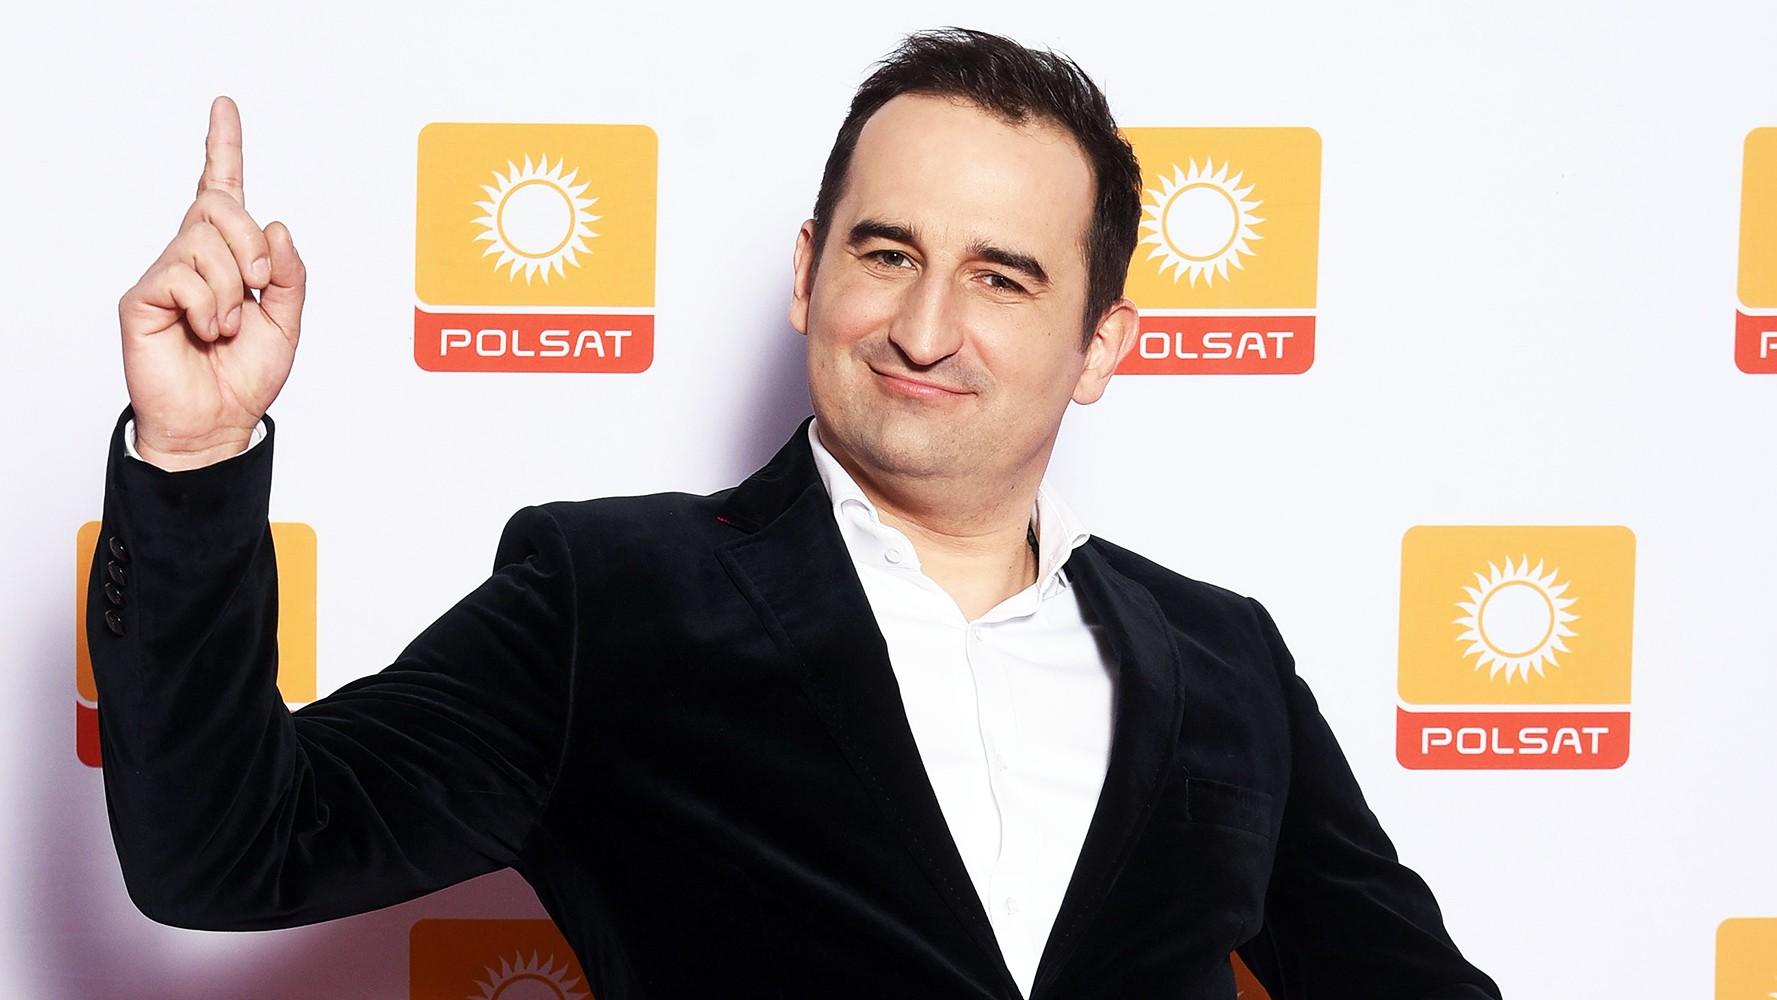 Misiek Koterski w #CoTyNaTo: Oto filmy opisujące moje życie - Polsat.pl